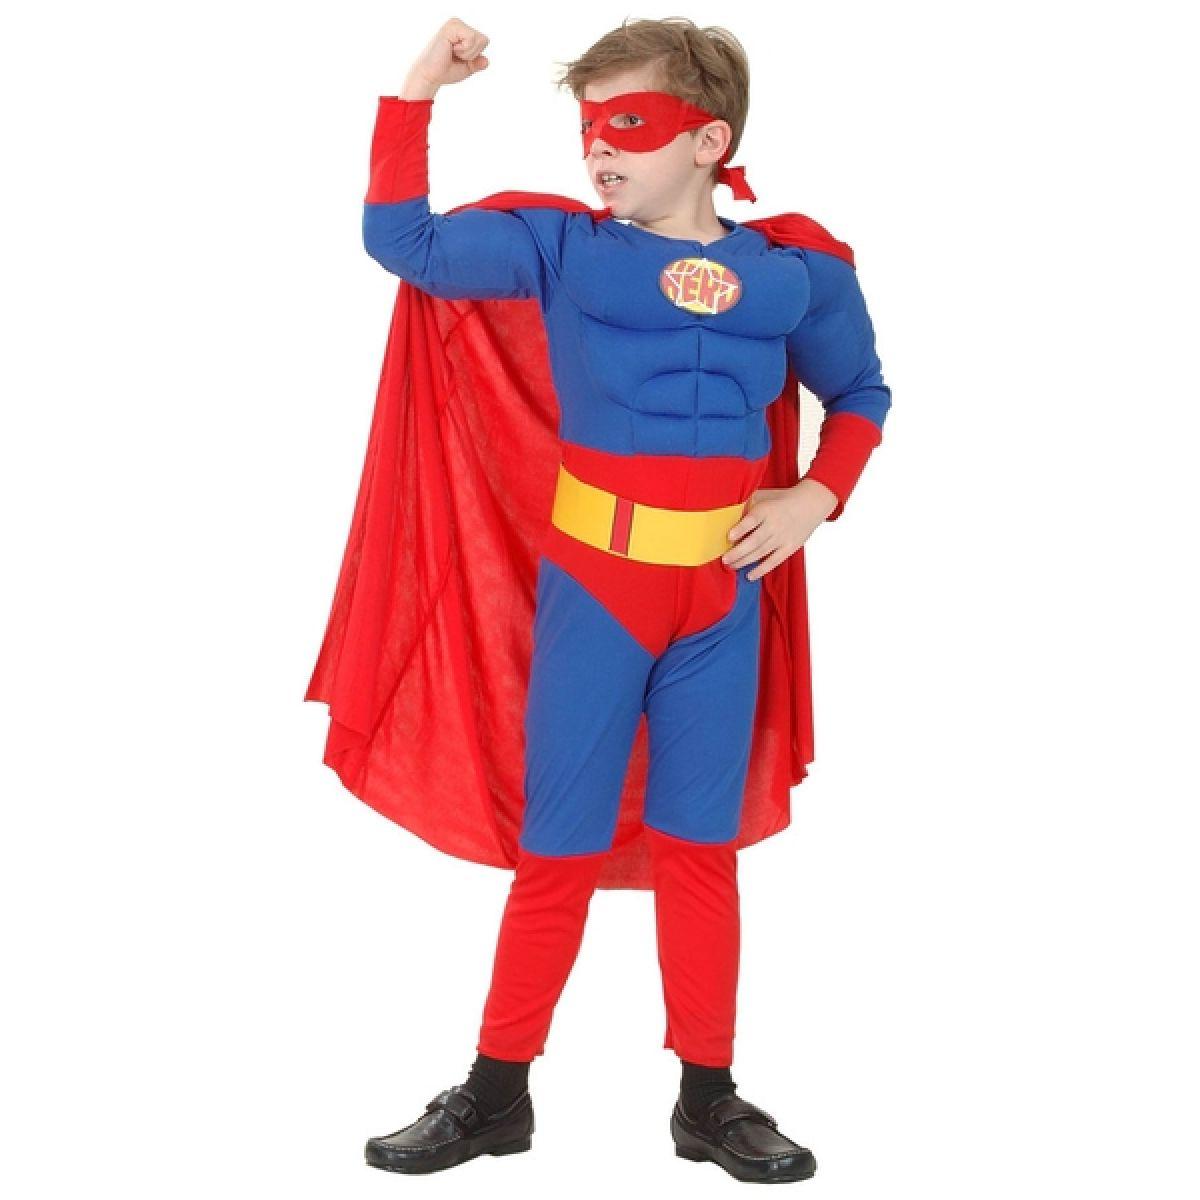 Made Dětský kostým Superhrdina vel. M